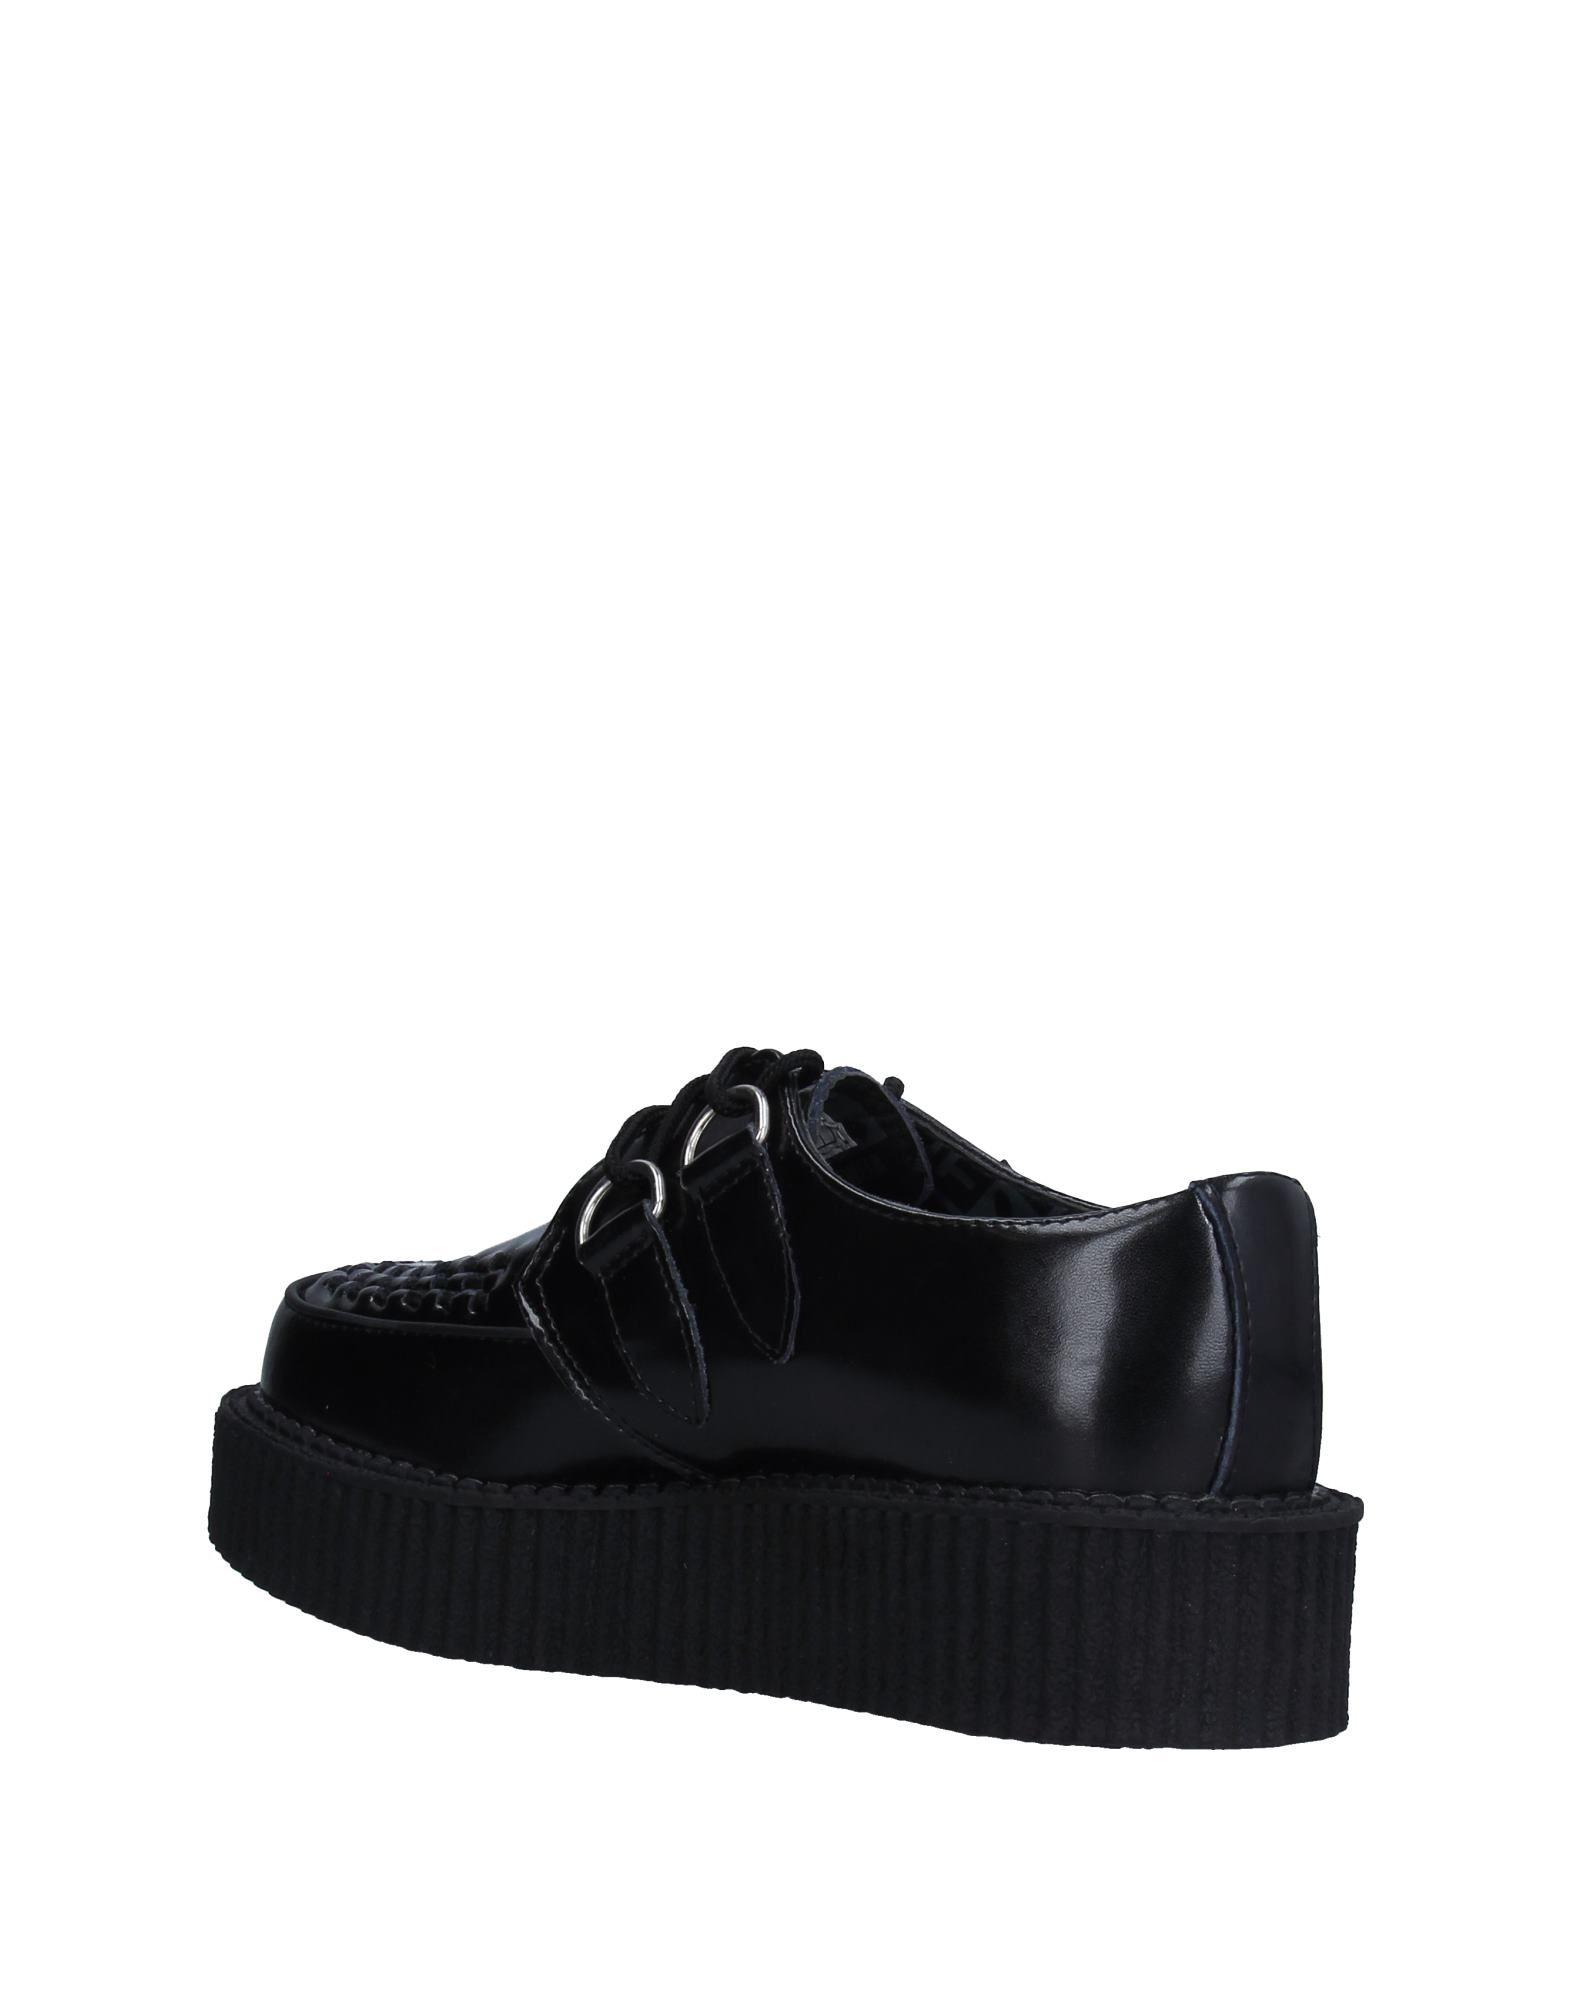 Chaussures À Lacets T.U.K Femme - Chaussures À Lacets T.U.K sur